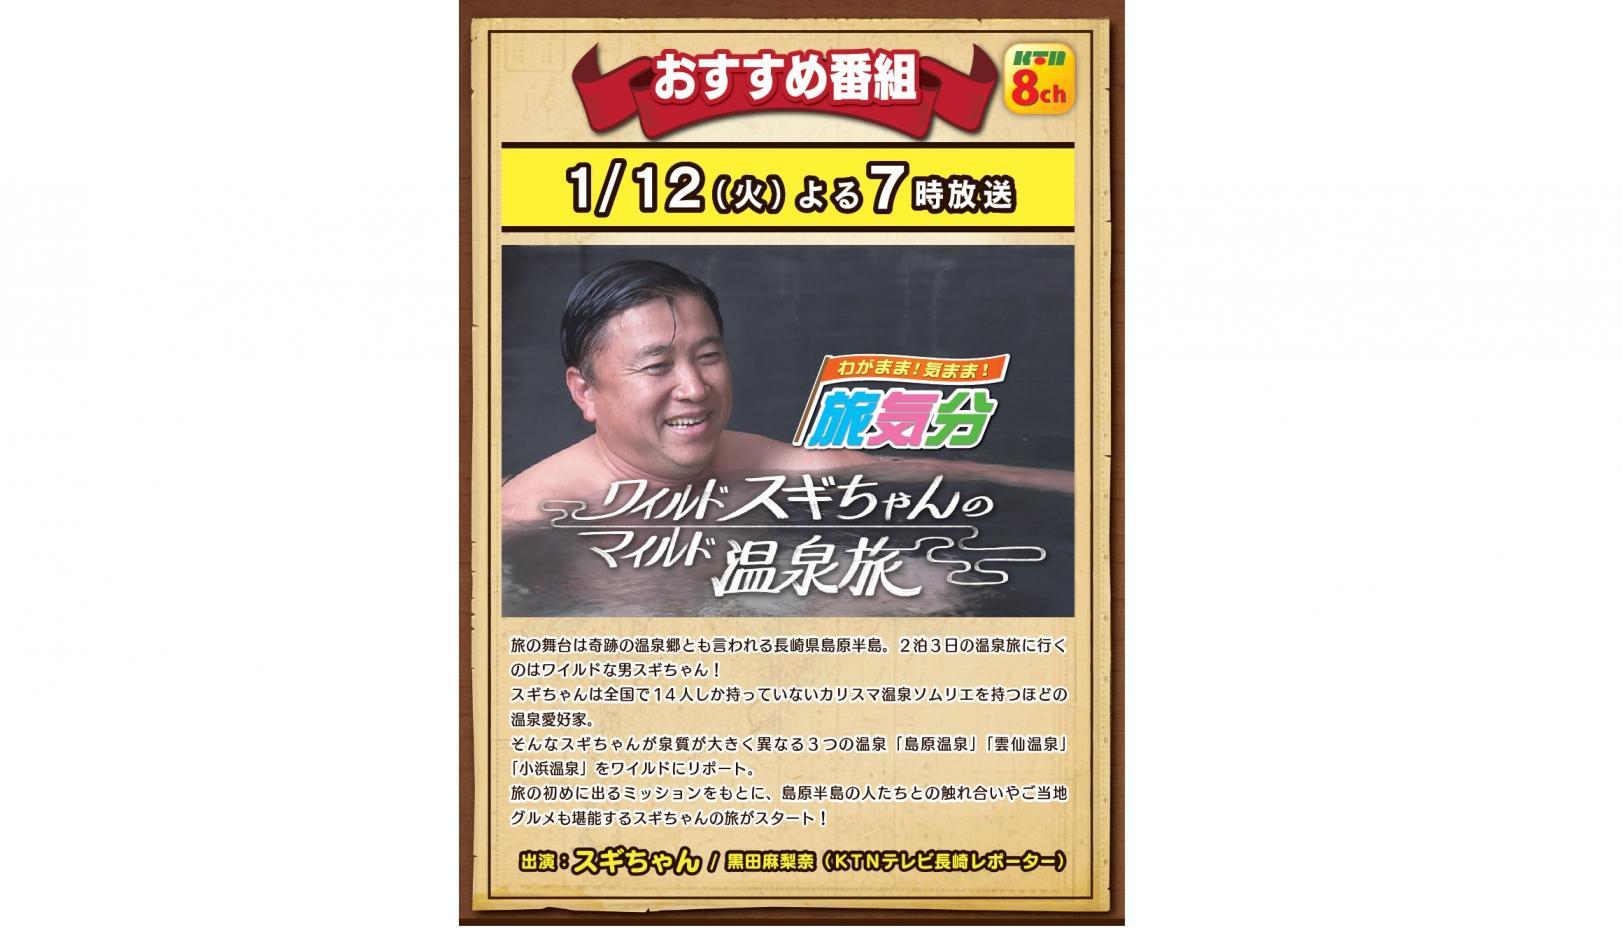 【テレビ番組】1/9 BSフジ「わがまま!気まま!旅気分」放送のお知らせ-1